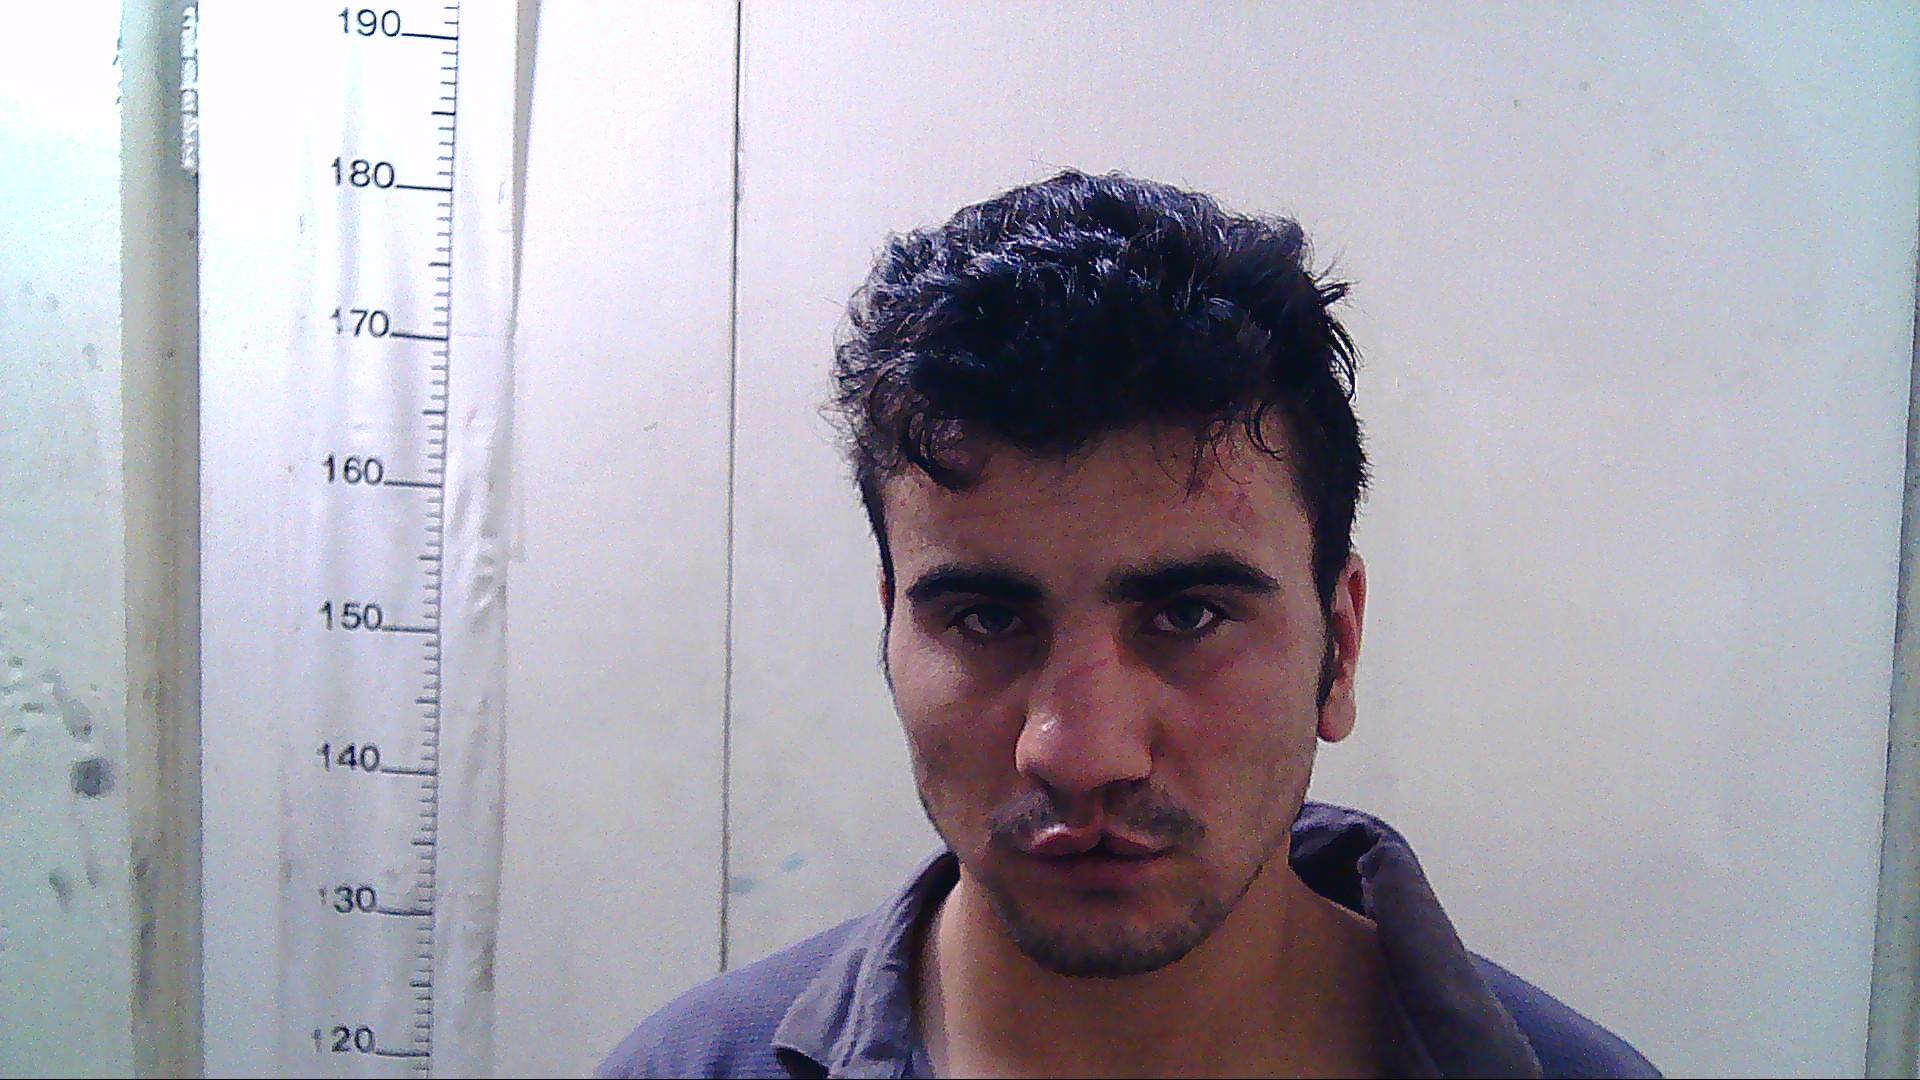 مرد افغان کفتار شب های تهران بود+عکس